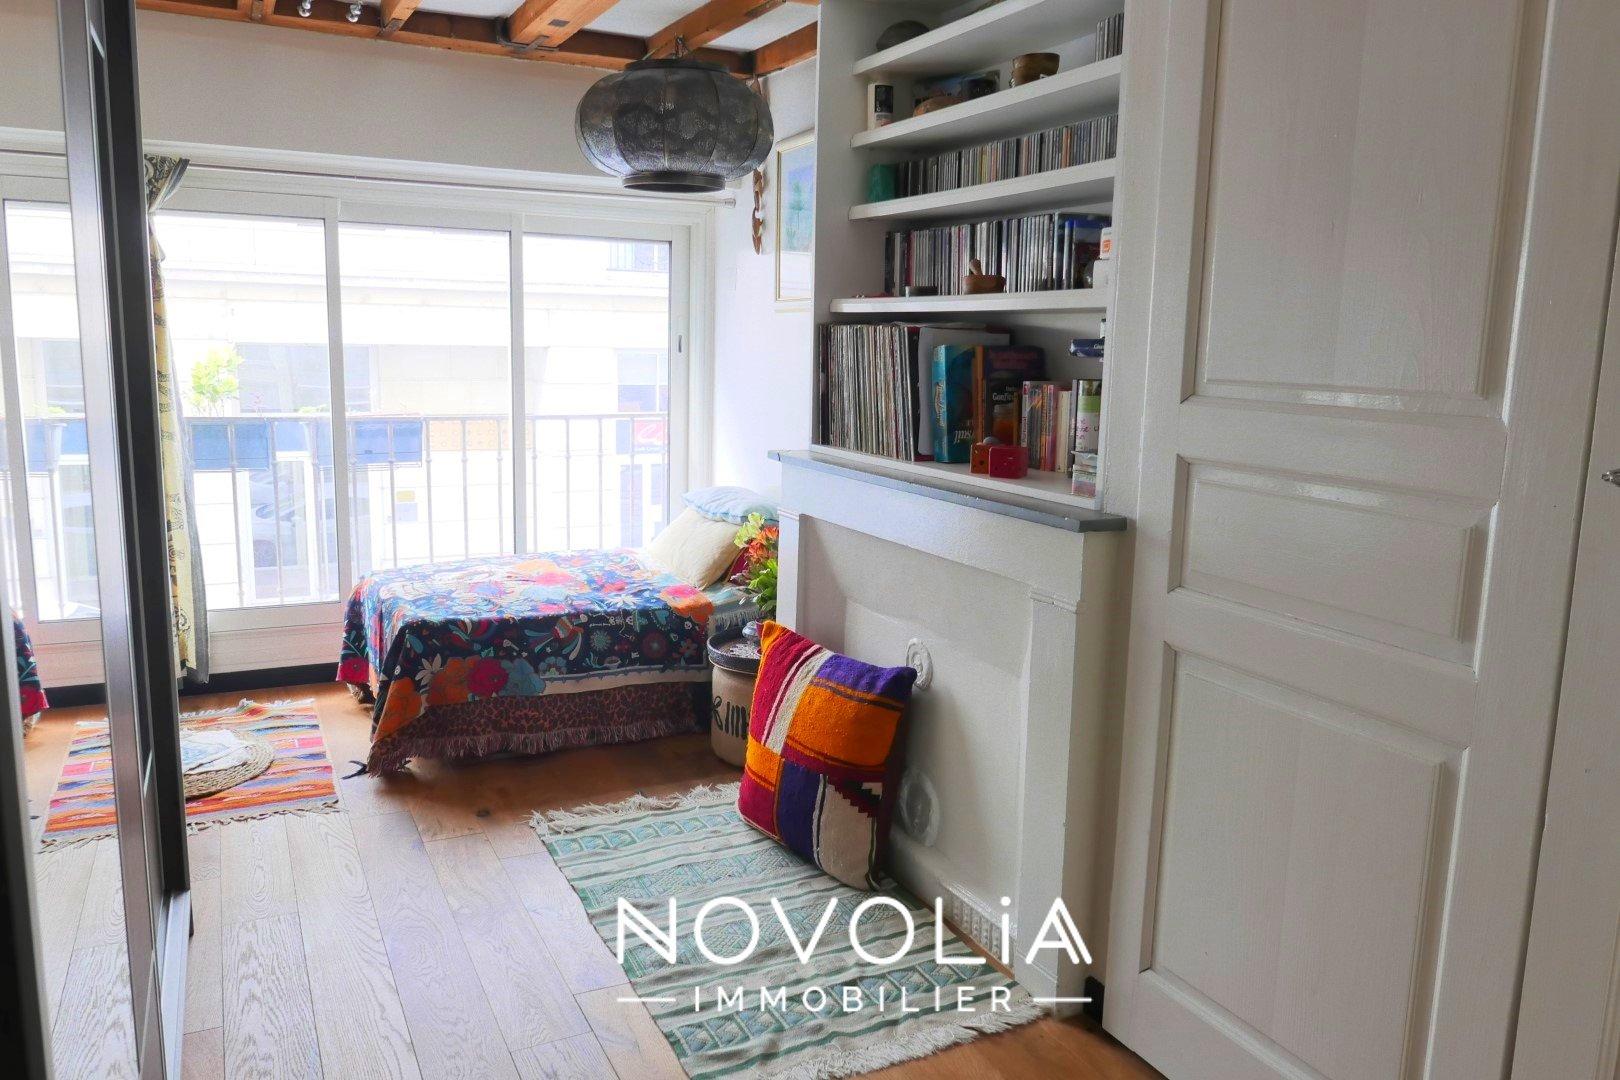 Achat Appartement, Surface de 54.27 m²/ Total carrez : 54.27 m², 3 pièces, Lyon 7ème (69007)